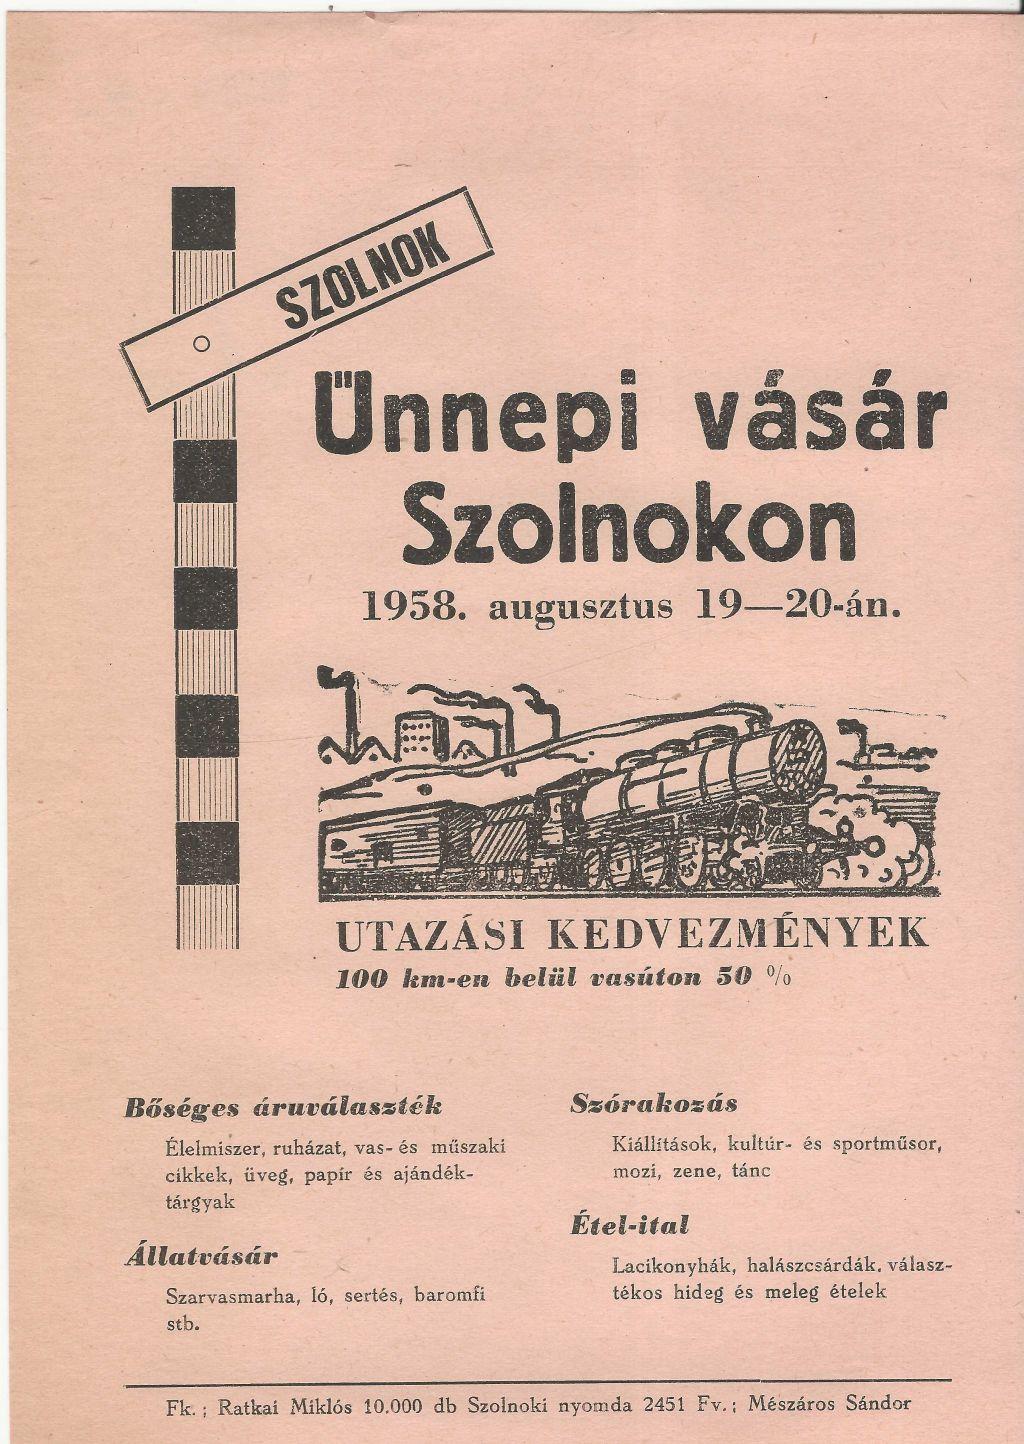 Ünnepi vásár Szolnokon 1958. augusztus 19-20. között